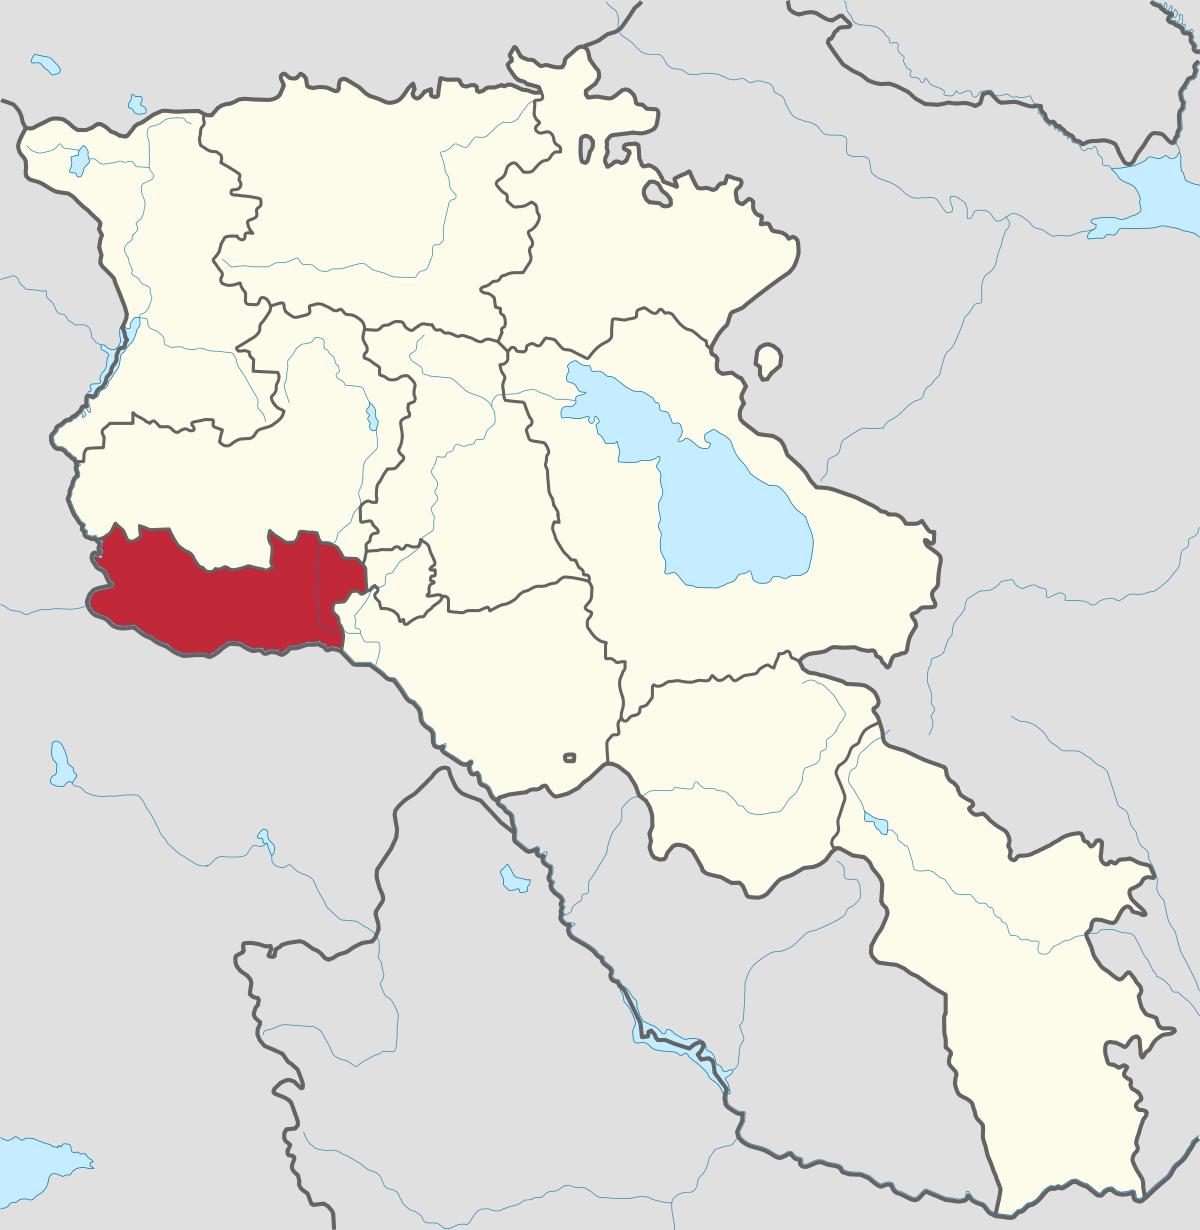 Armawir Region